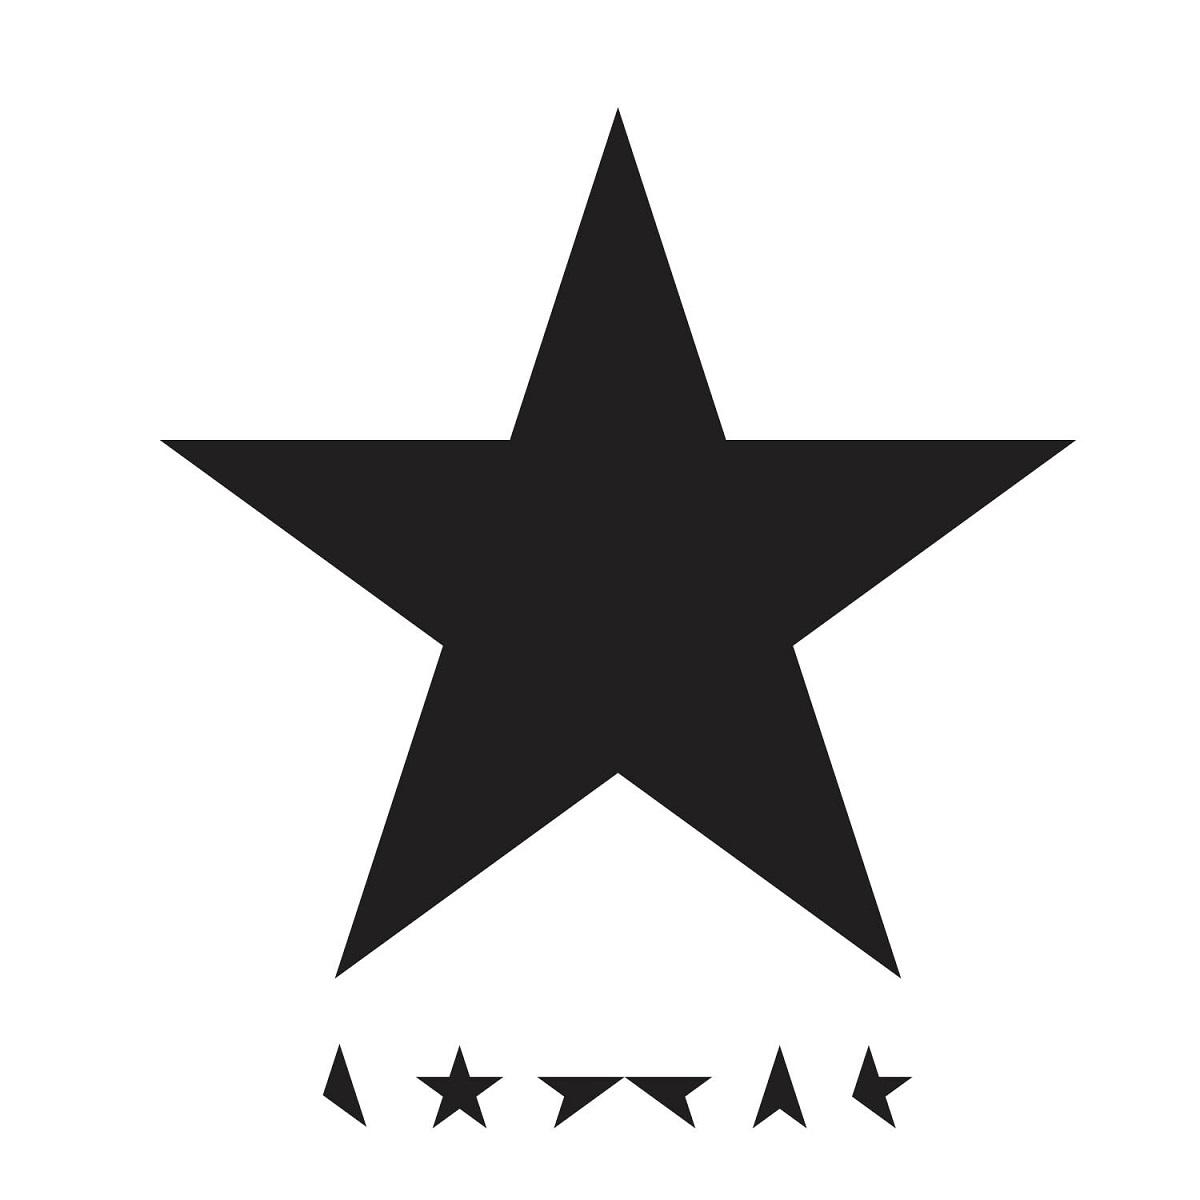 ПОСЛЕДНИЙ АЛЬБОМ ОТ ВЕЛИКОГО МУЗЫКАНТА!Великий трикстер, который построил свою карьеру на том, чтобы обманывать ожидания публики. Разрушитель жанров. Удивительный артист - в прямом, исконном смысле слова. Все это Дэвид Боуи - без лишних преувеличений, легенда музыки. Дэвид давно пропал с радаров медиа - он не дает интервью уже десятилетие, - но теперь автор знаменитых строк